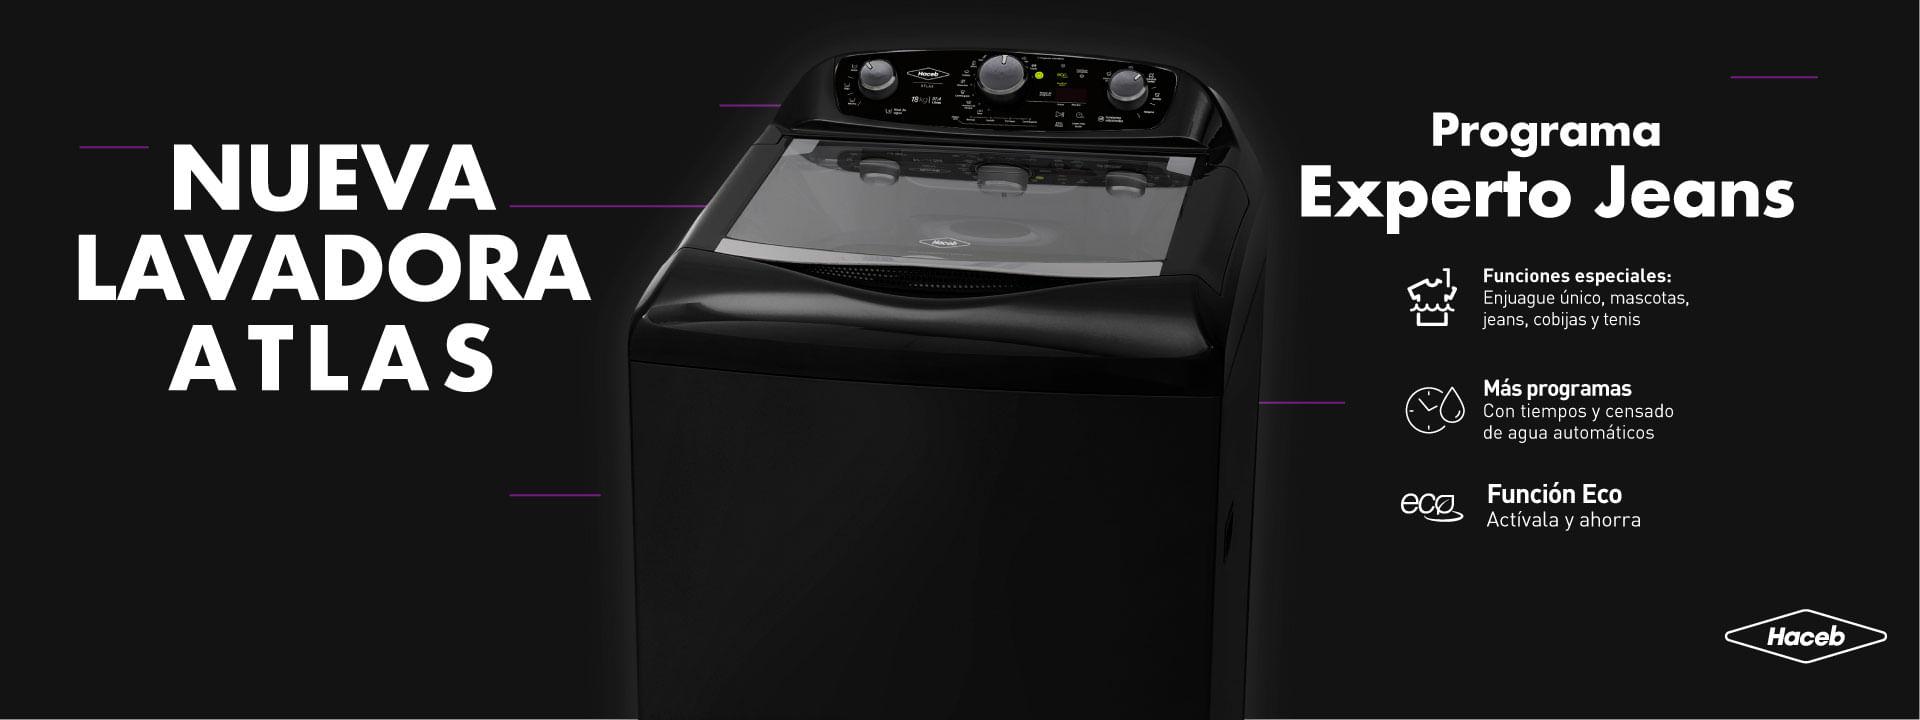 lavadora atlas